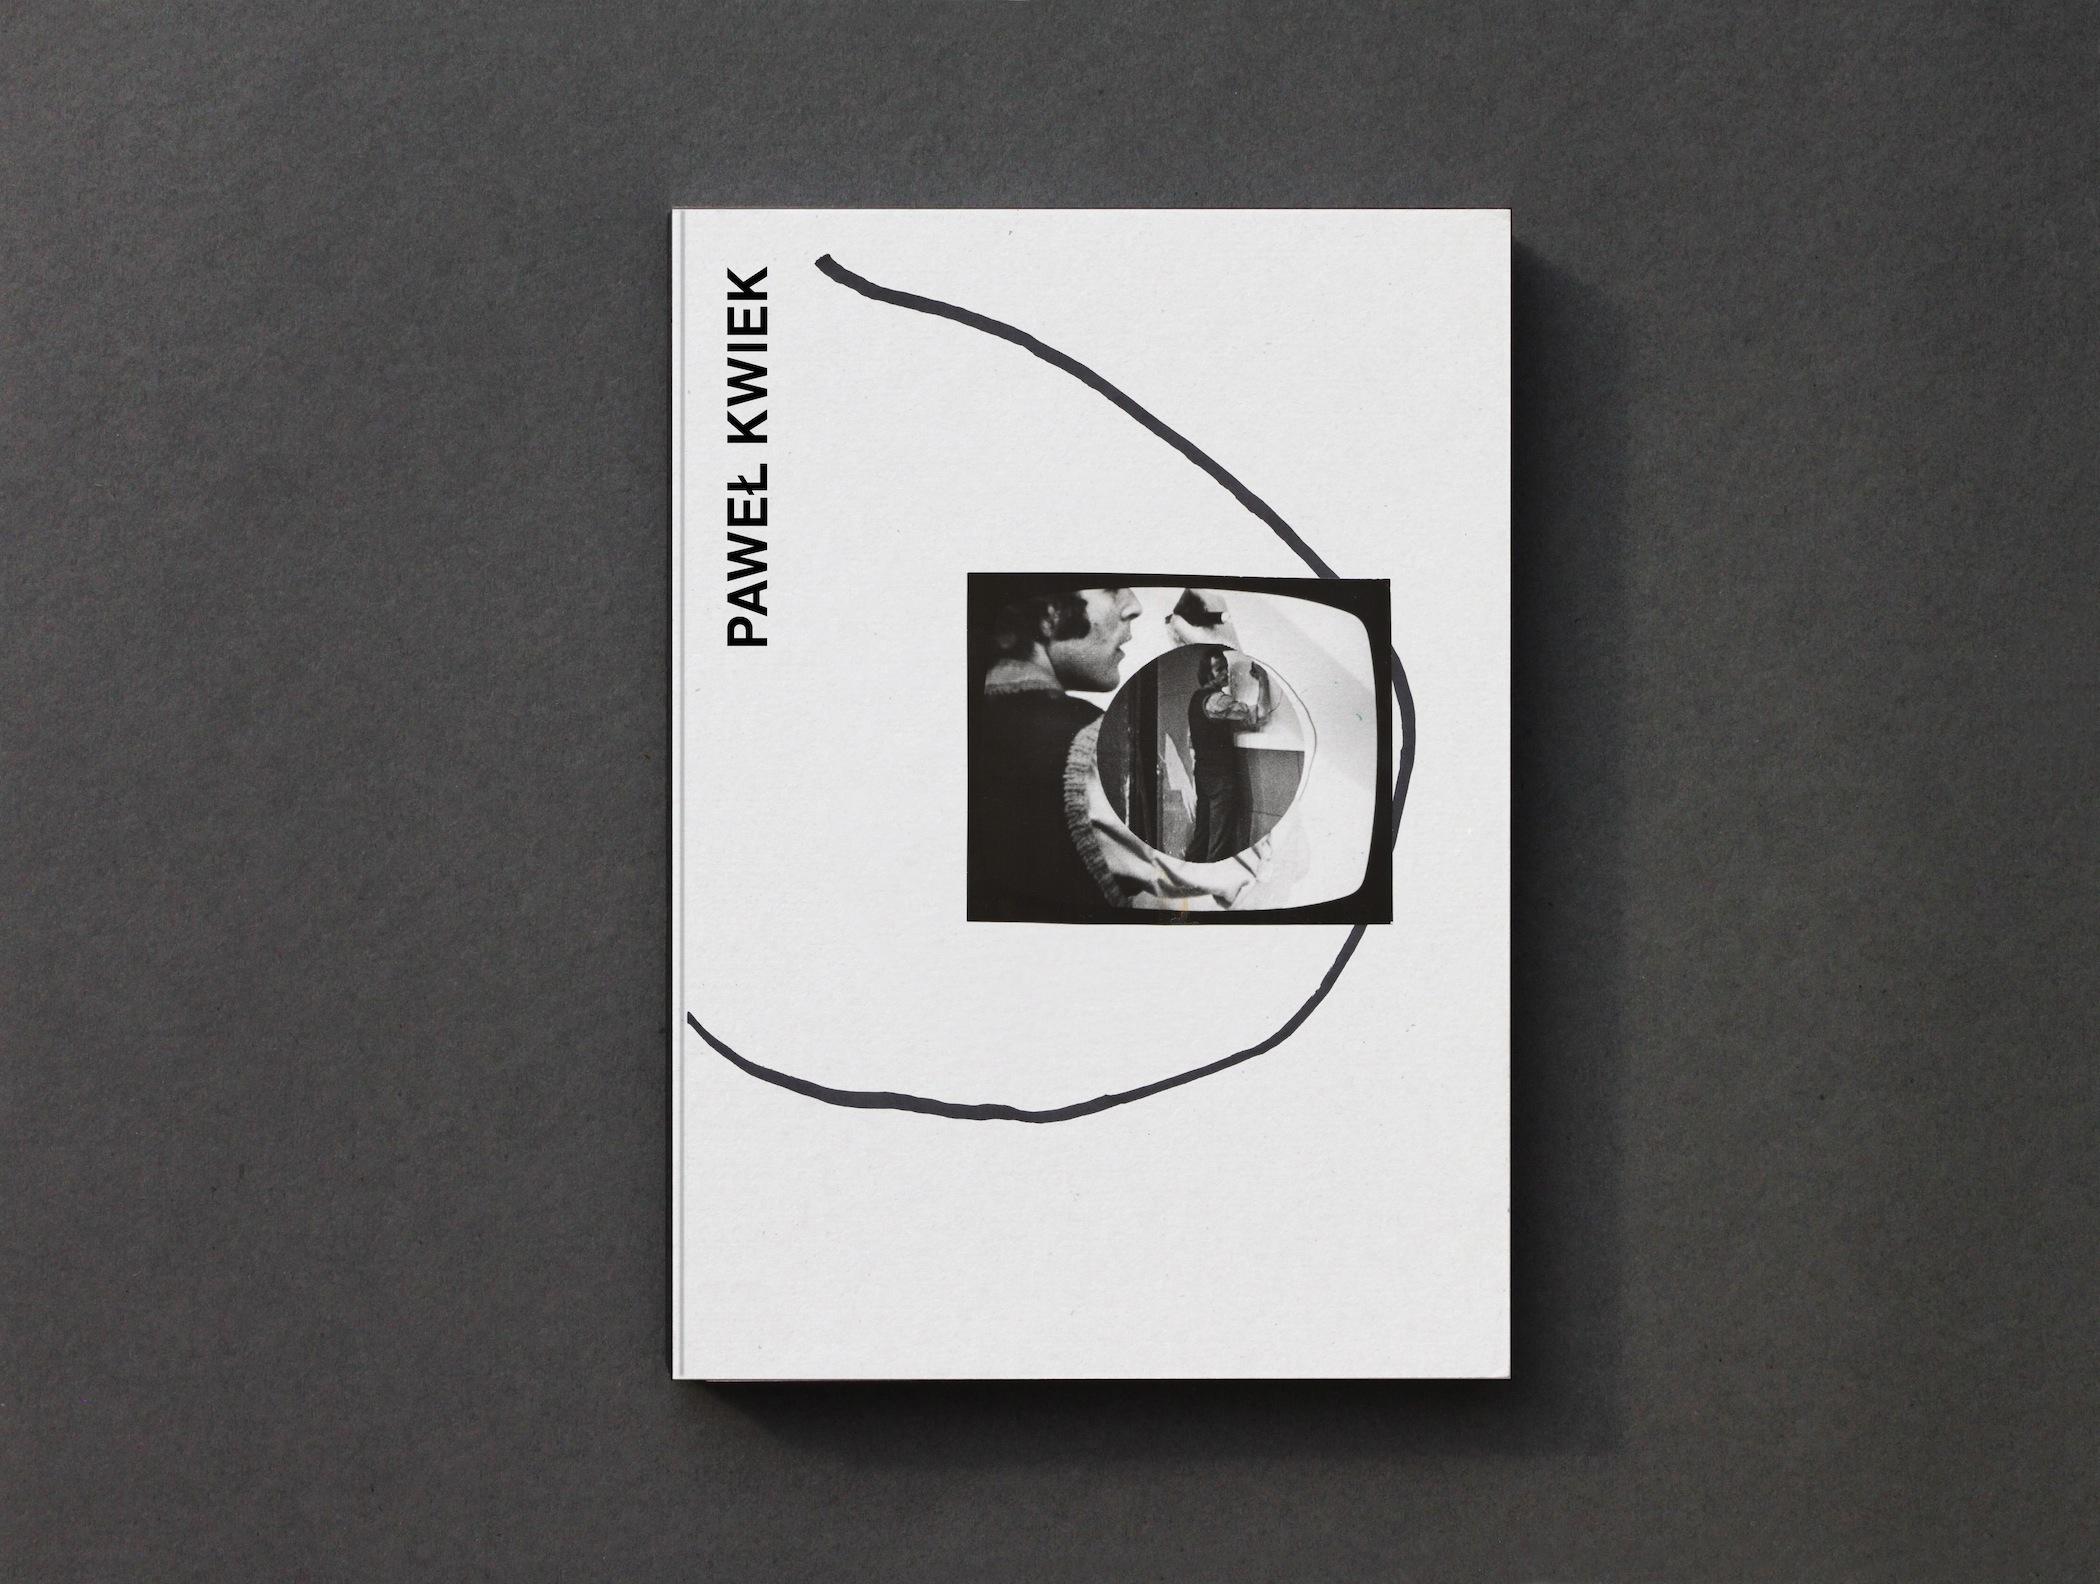 """""""1,2,3...Ćwiczenia operatorskie. Paweł Kwiek. Fotografia, film, wideo"""", wyd. Fundacja Arton, 2014"""